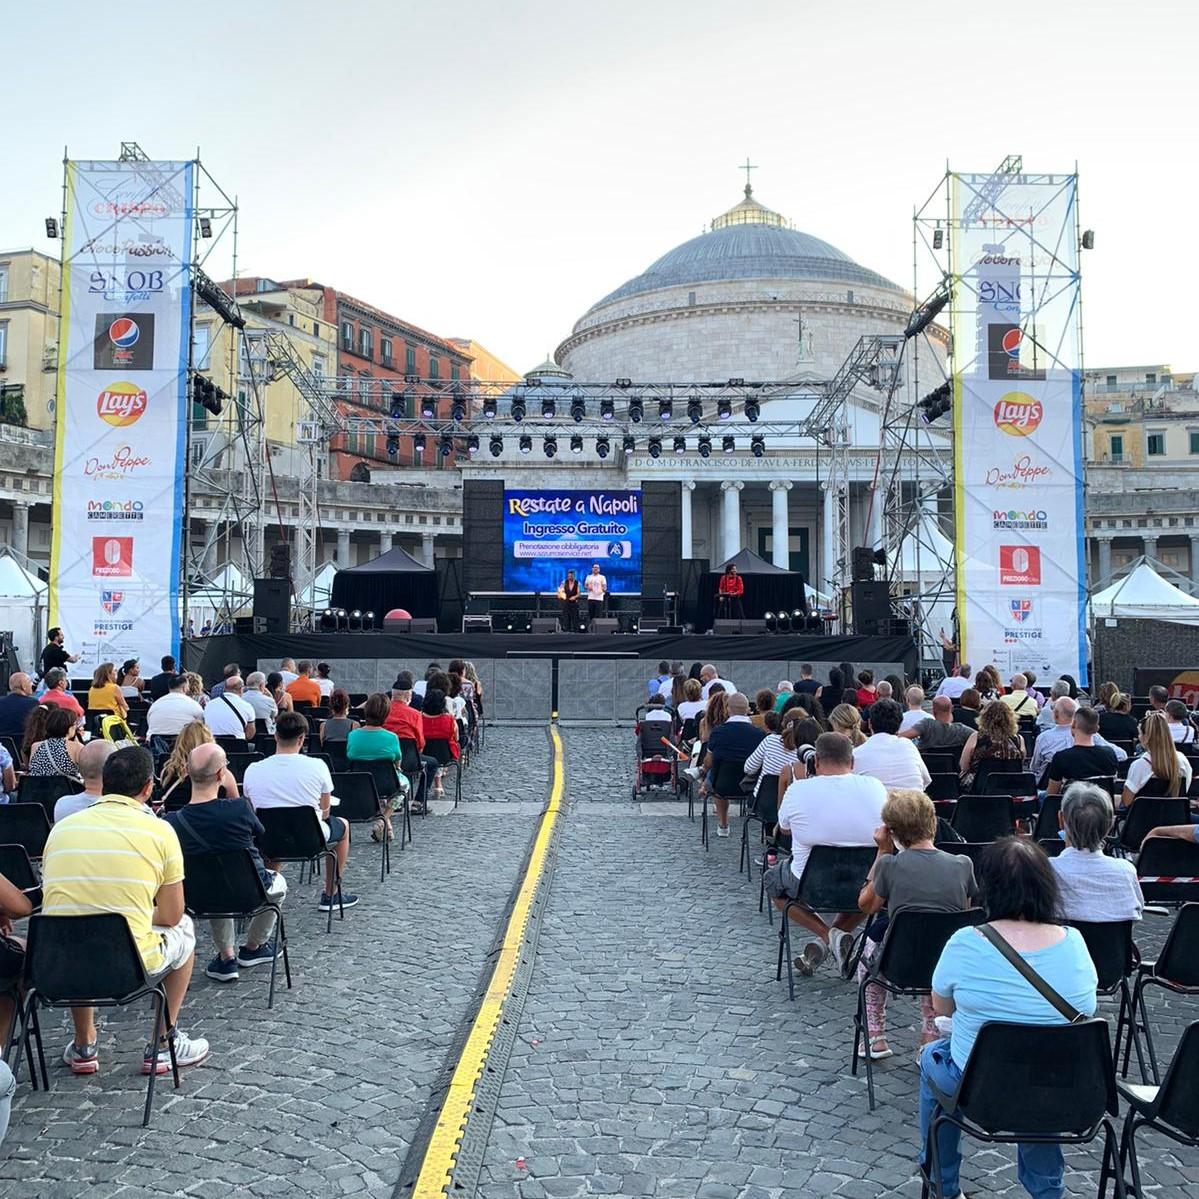 Confetti Crispo per l'evento Restate a Napoli